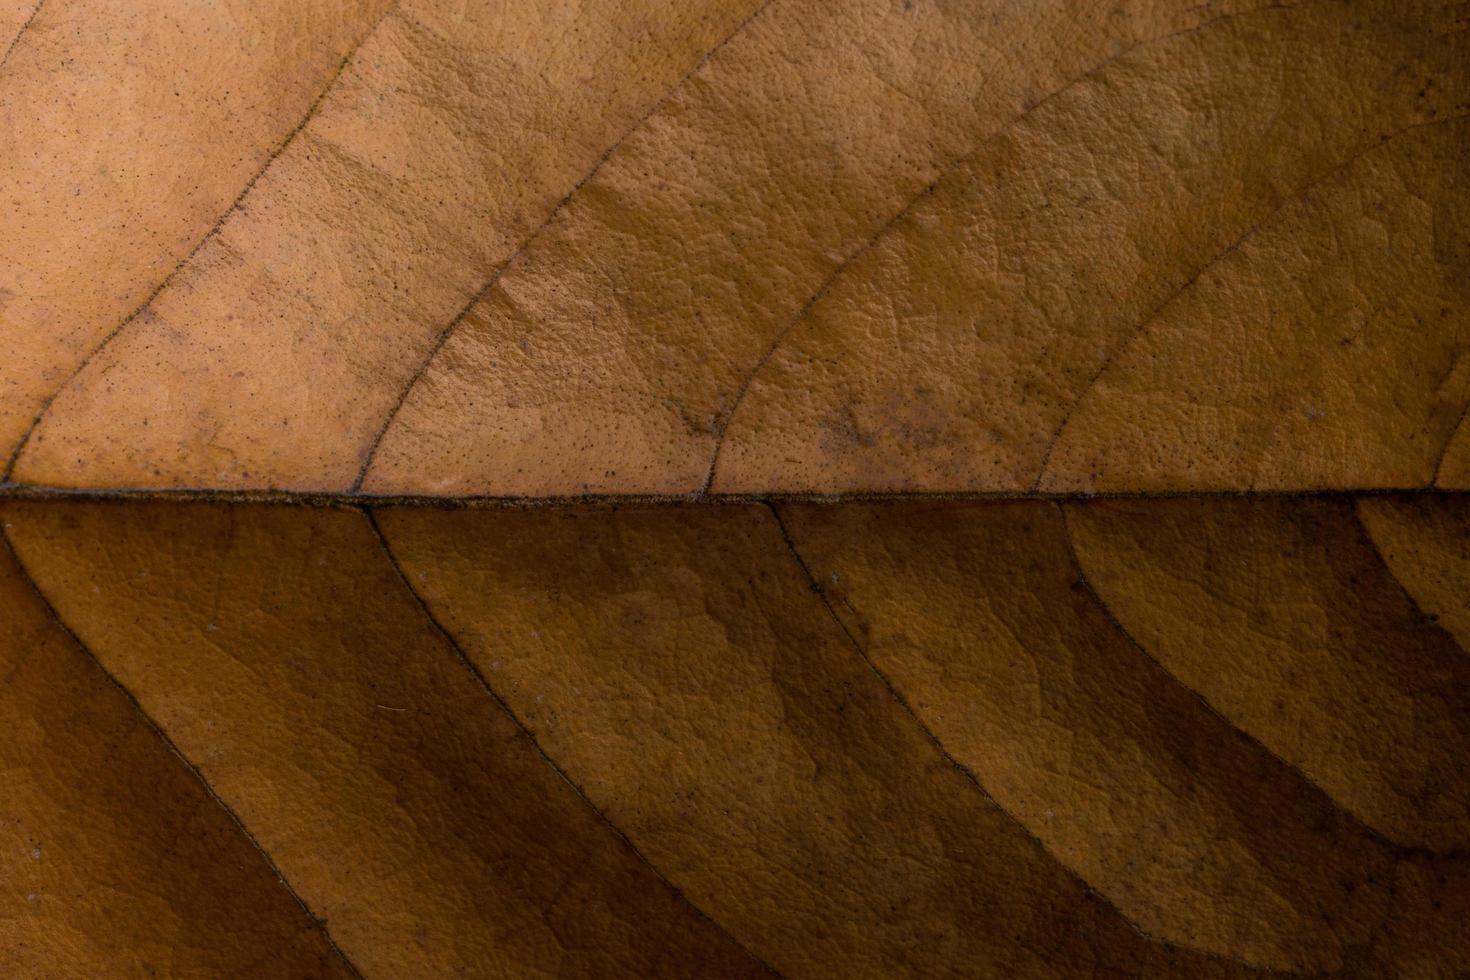 mörk torr blad bakgrund foto